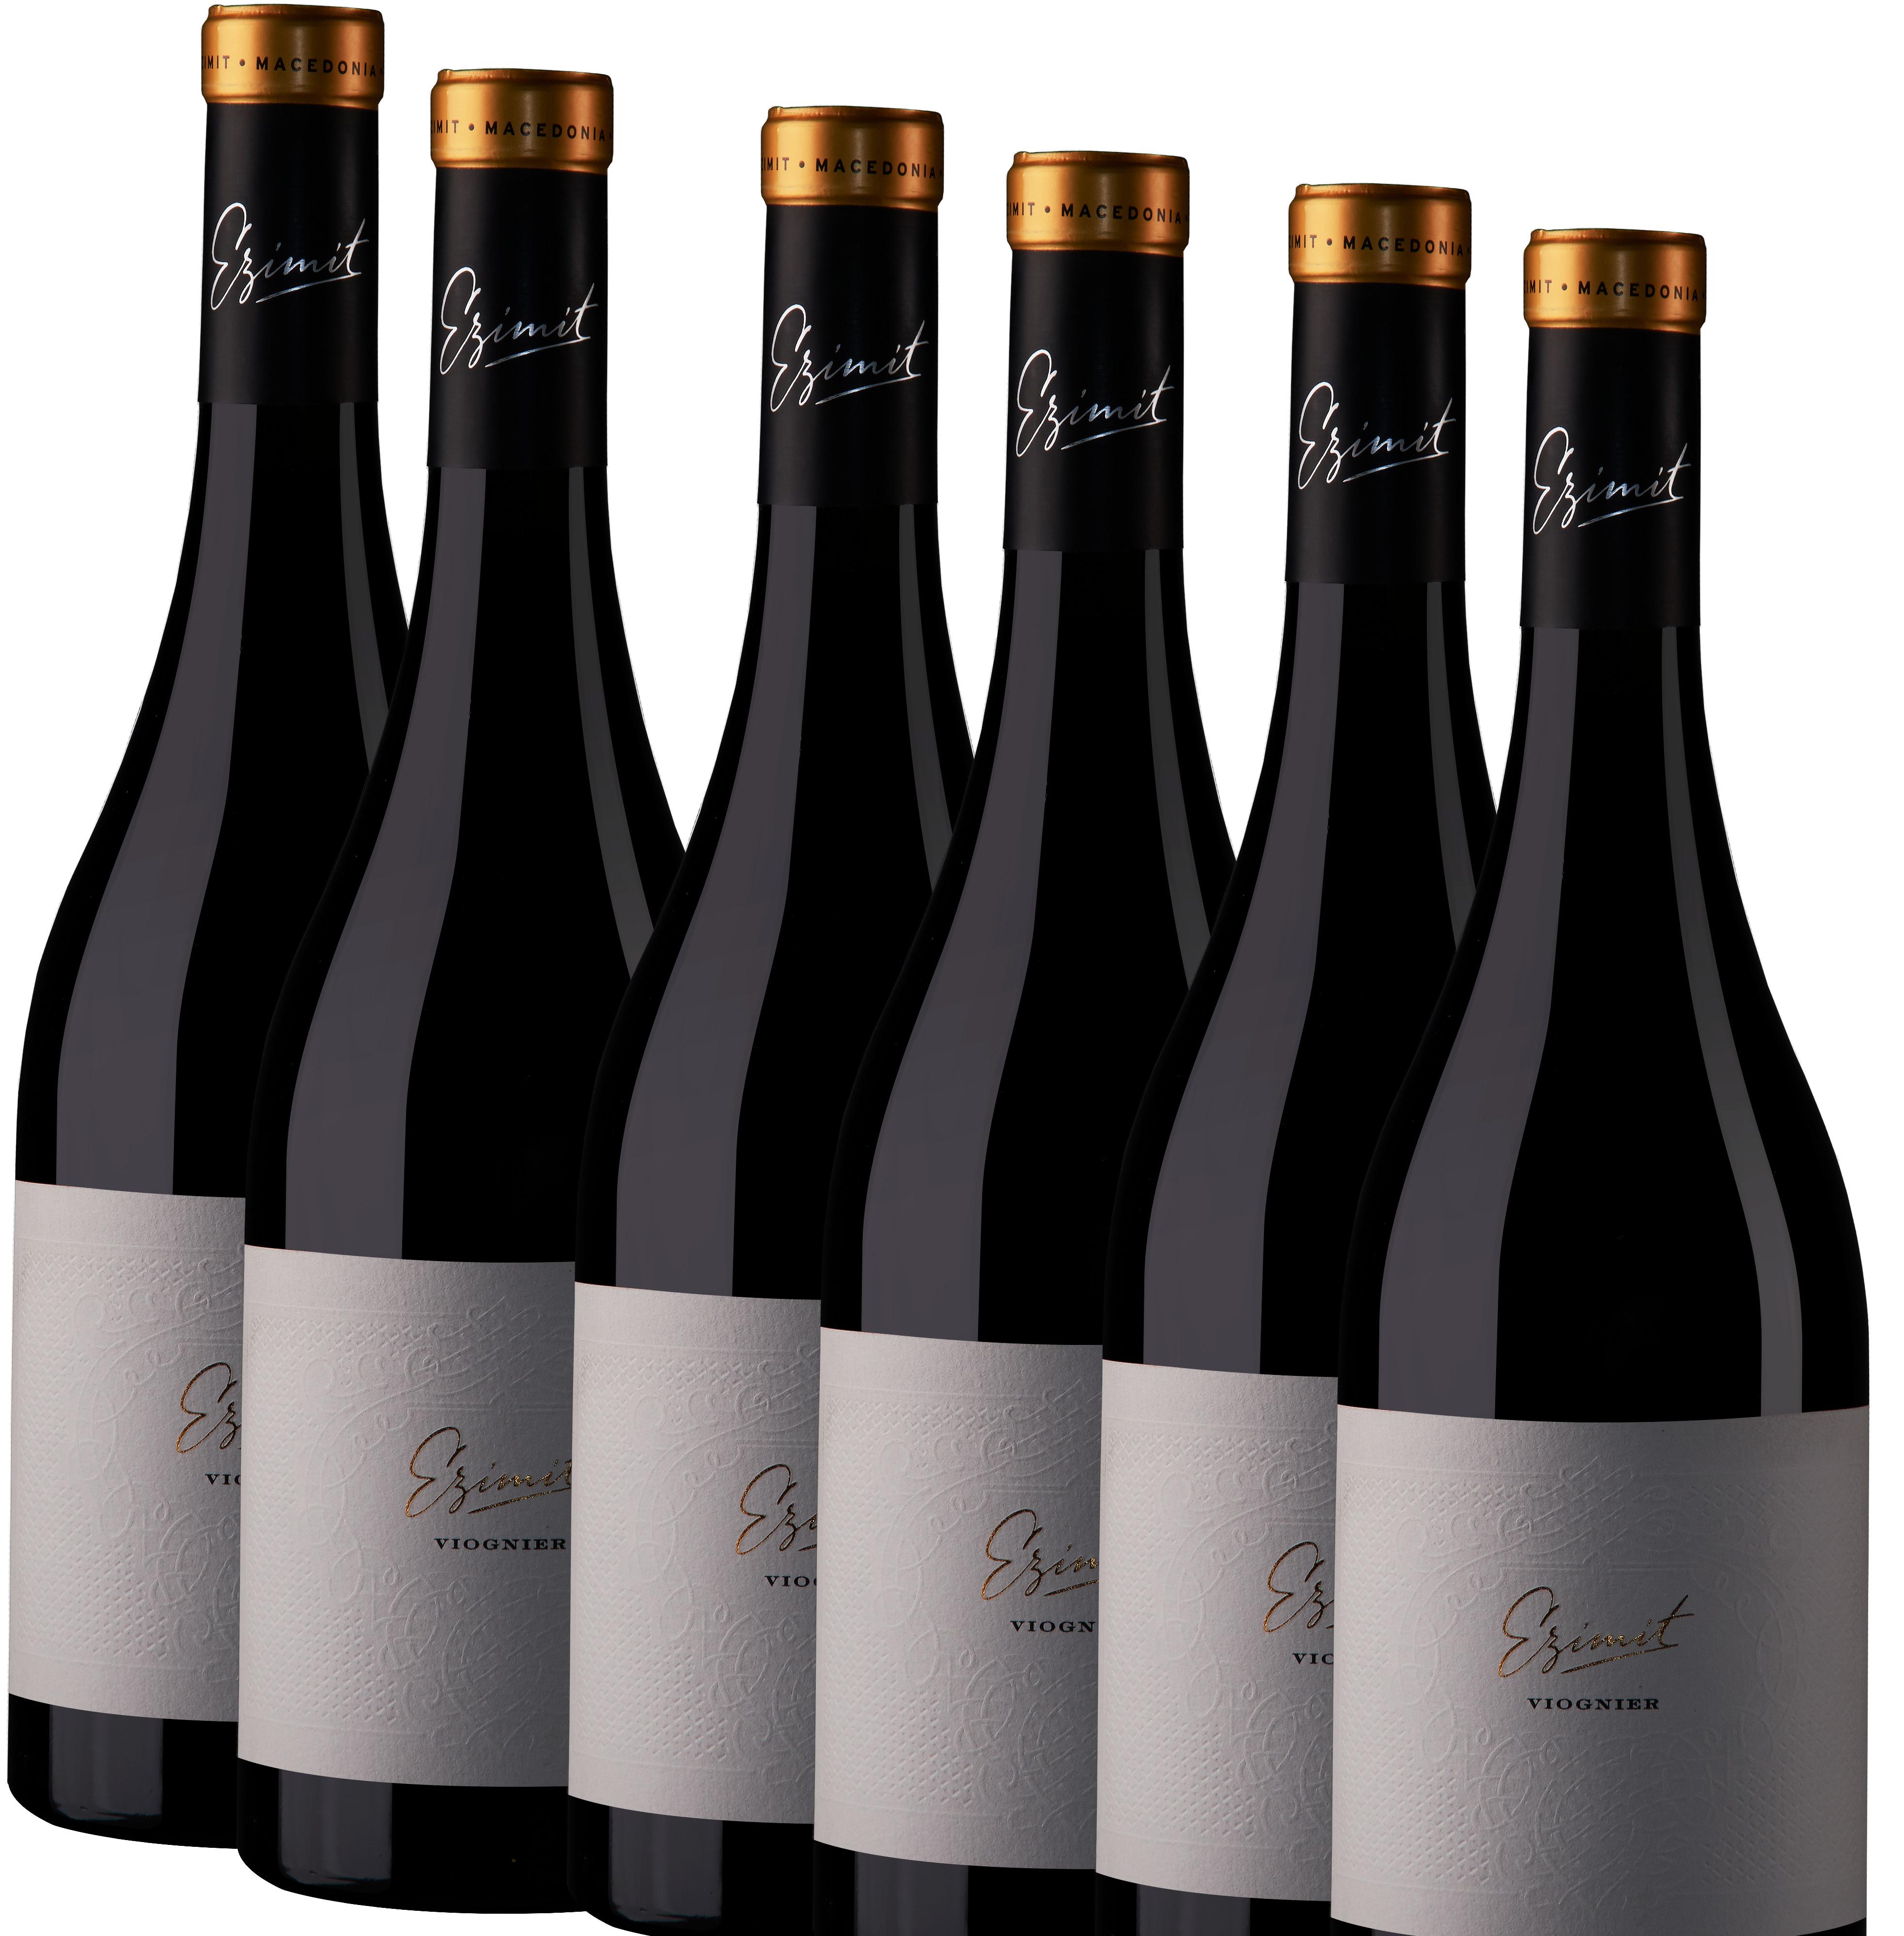 6x 0,75L Ezimit Viognier Weißwein trocken 2018 - 14,0% - 7,31€/L